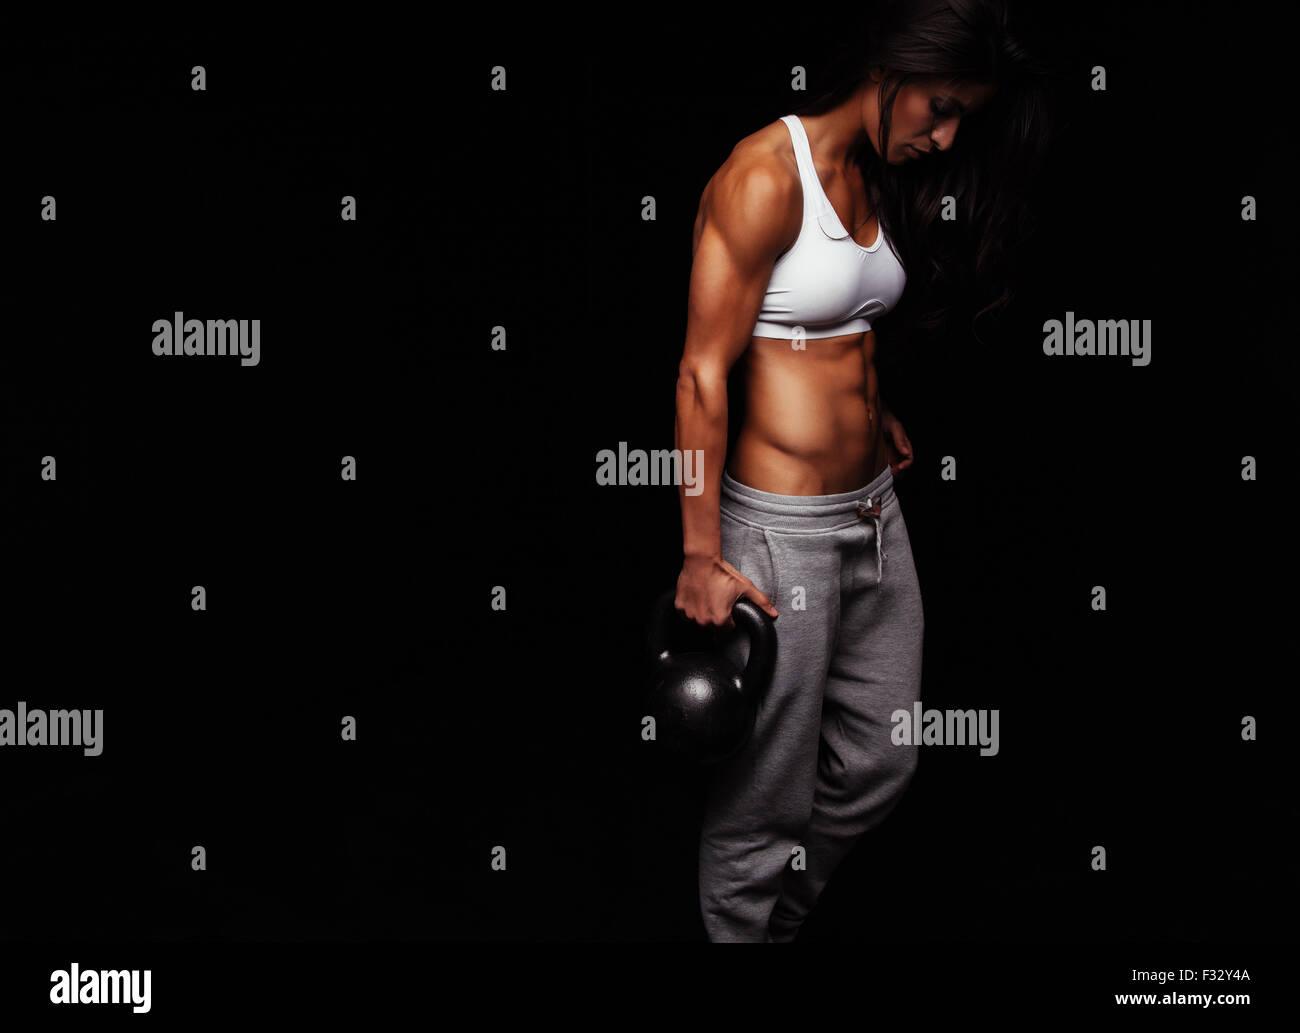 Femme faisant de l'exercice musculaire crossfit. Remise en forme difficile modèle féminin avec électrique Photo Stock